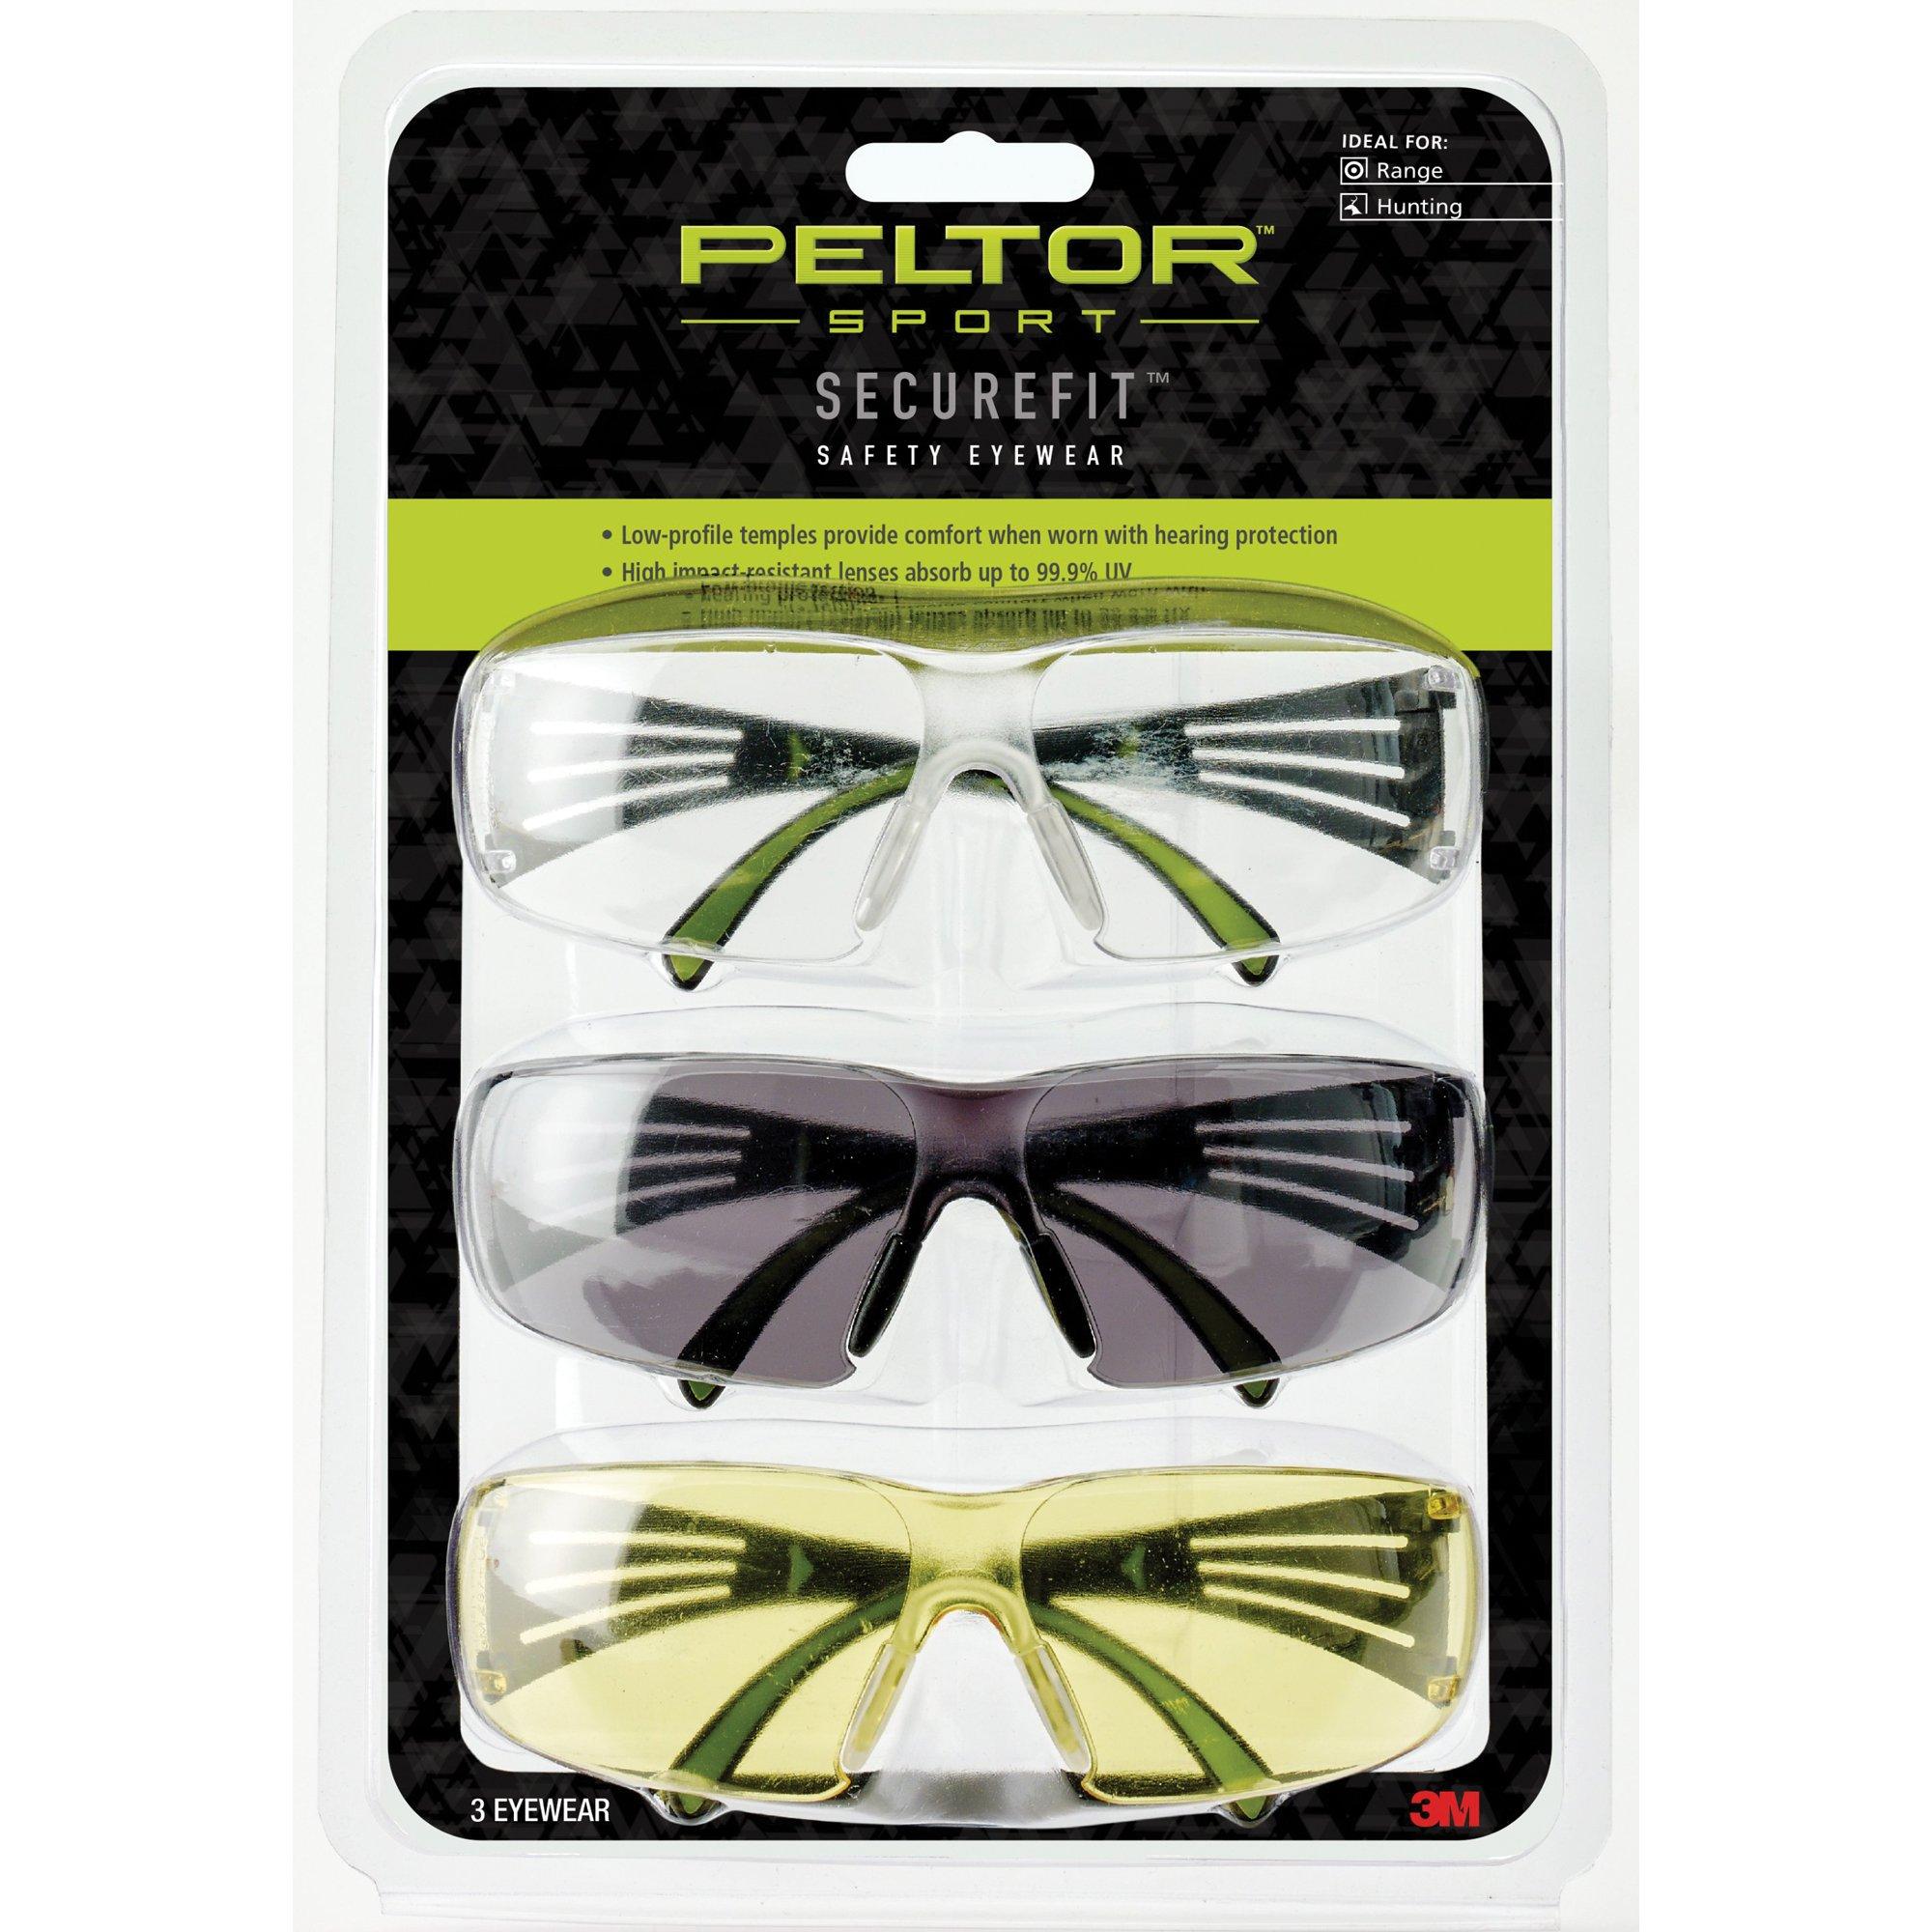 Peltor Sport SecureFit 400 Glasses, 3 Pack: Clear + Amber + Gray Lenses, Anti Fog by 3M